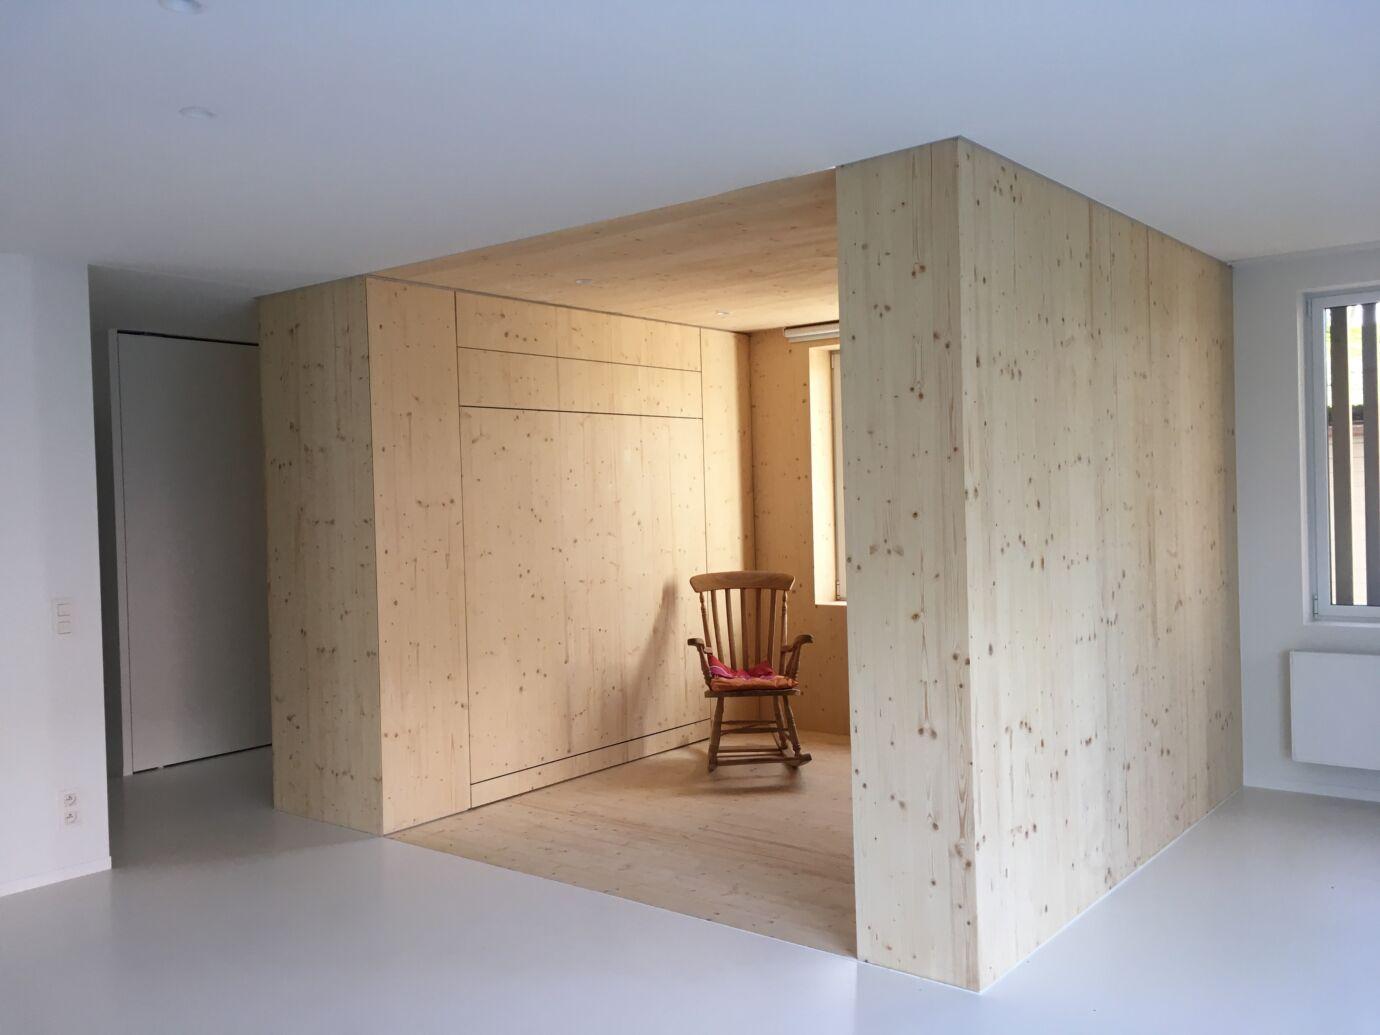 Woning DT Bellegem Renovatie met opbouw extra verdieping 7